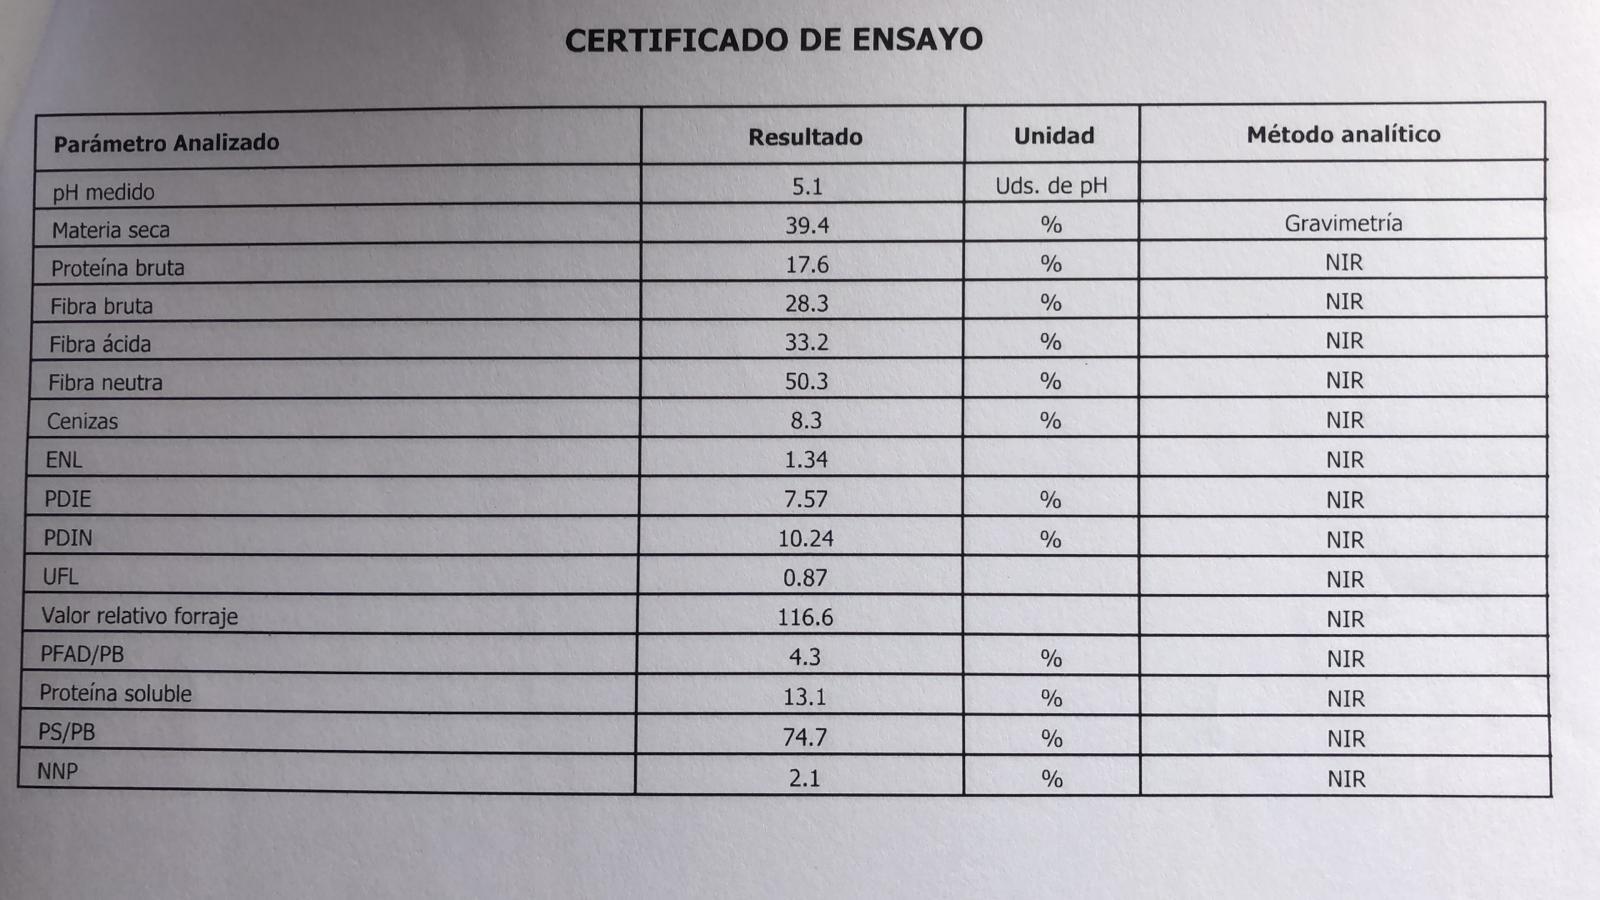 ENSILADO HERBA SADURNIÑO 4